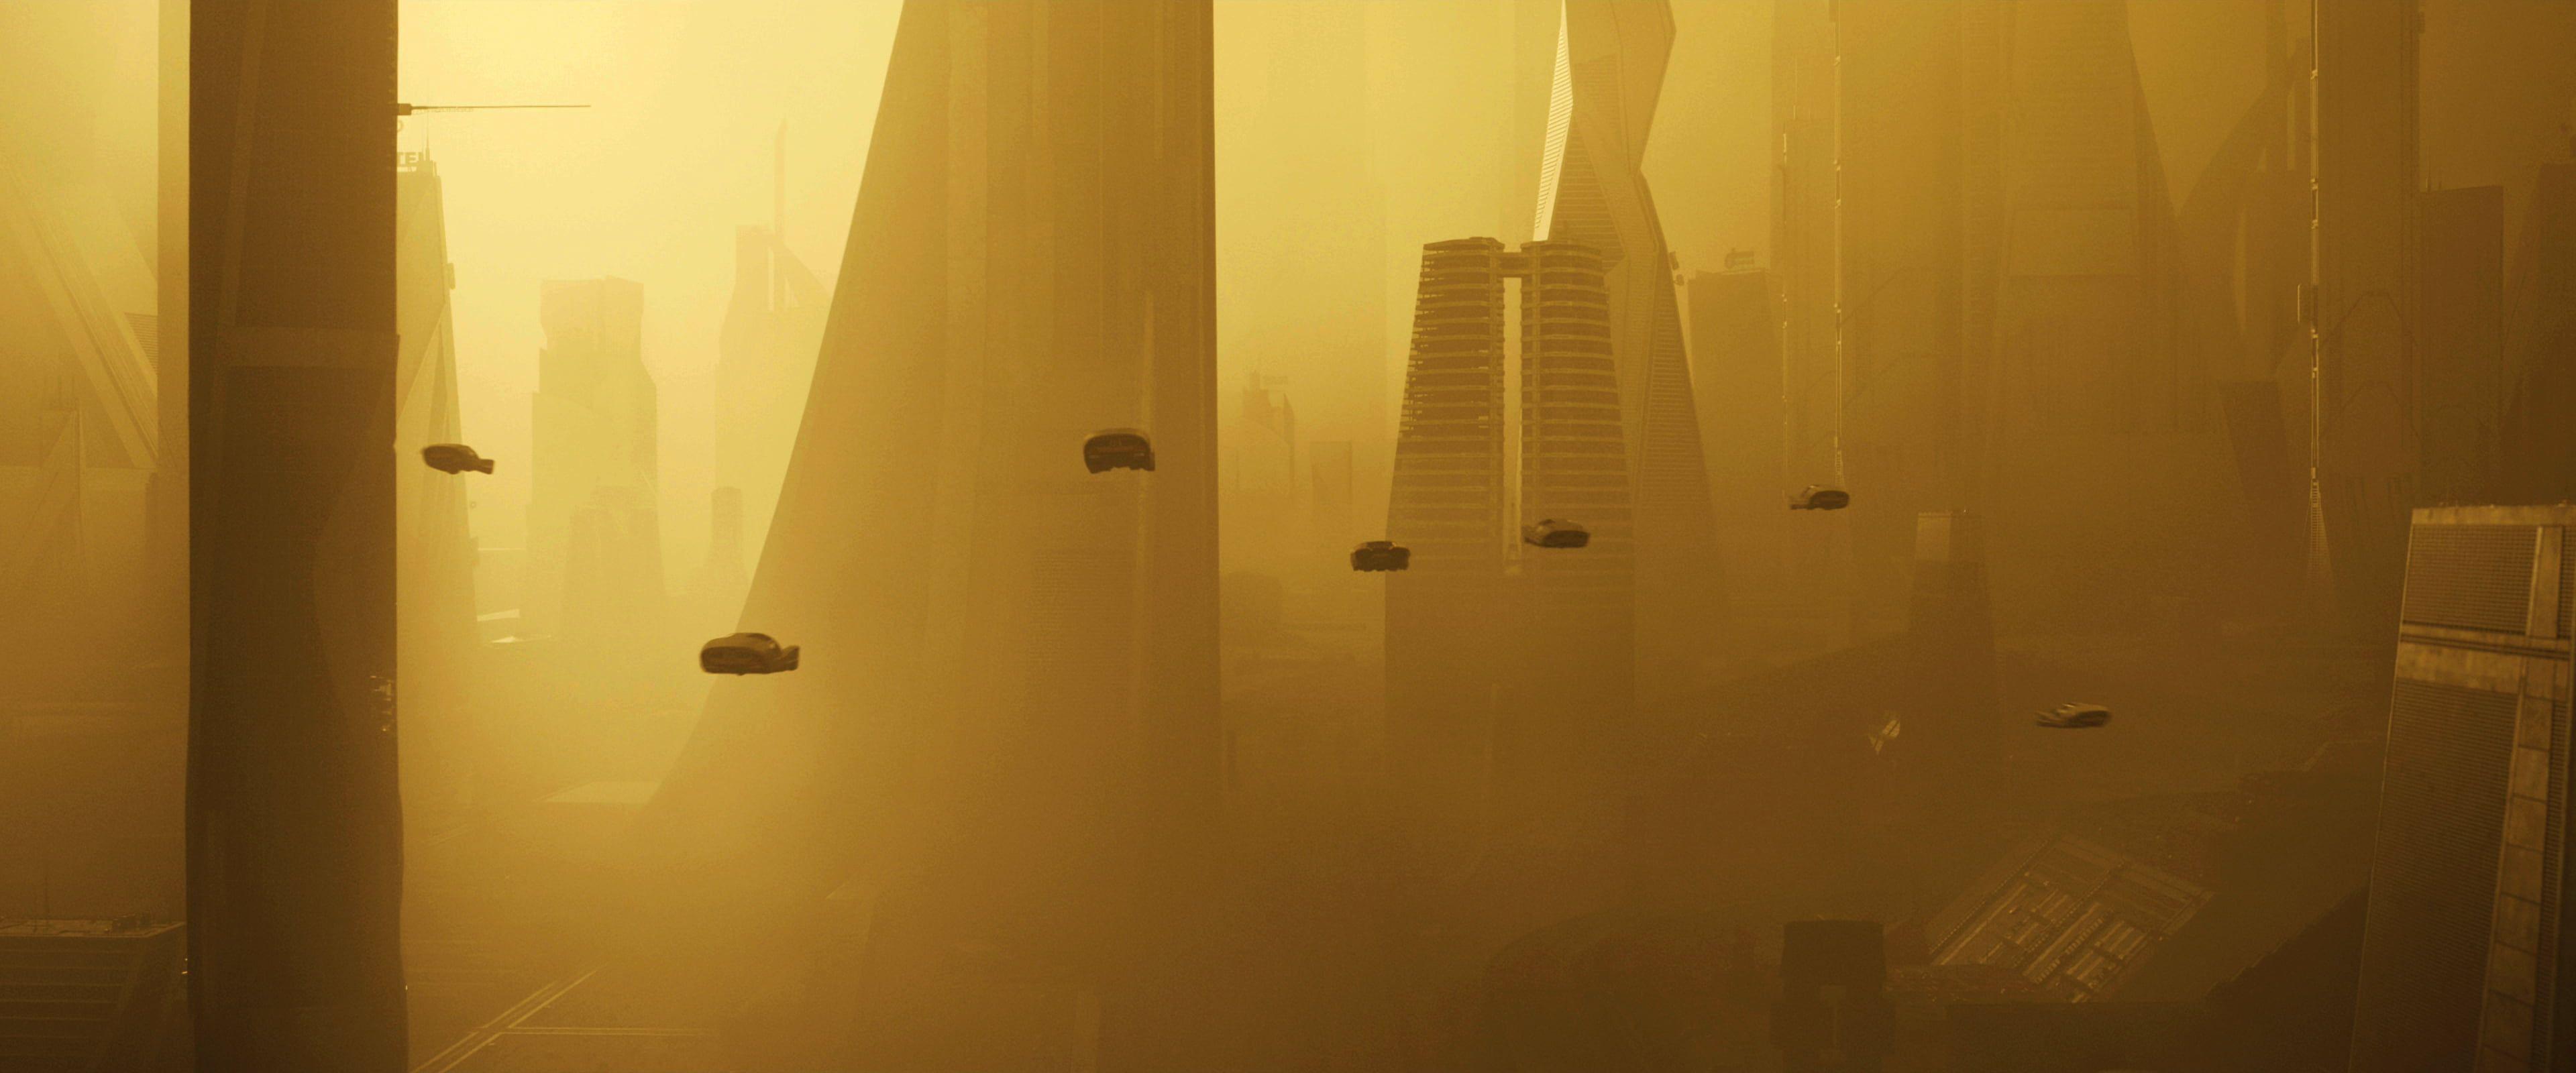 Bladerunner Blade Runner 2049 Cyberpunk 4k Wallpaper Hdwallpaper Desktop In 2021 Blade Runner Blade Runner Wallpaper Cyberpunk